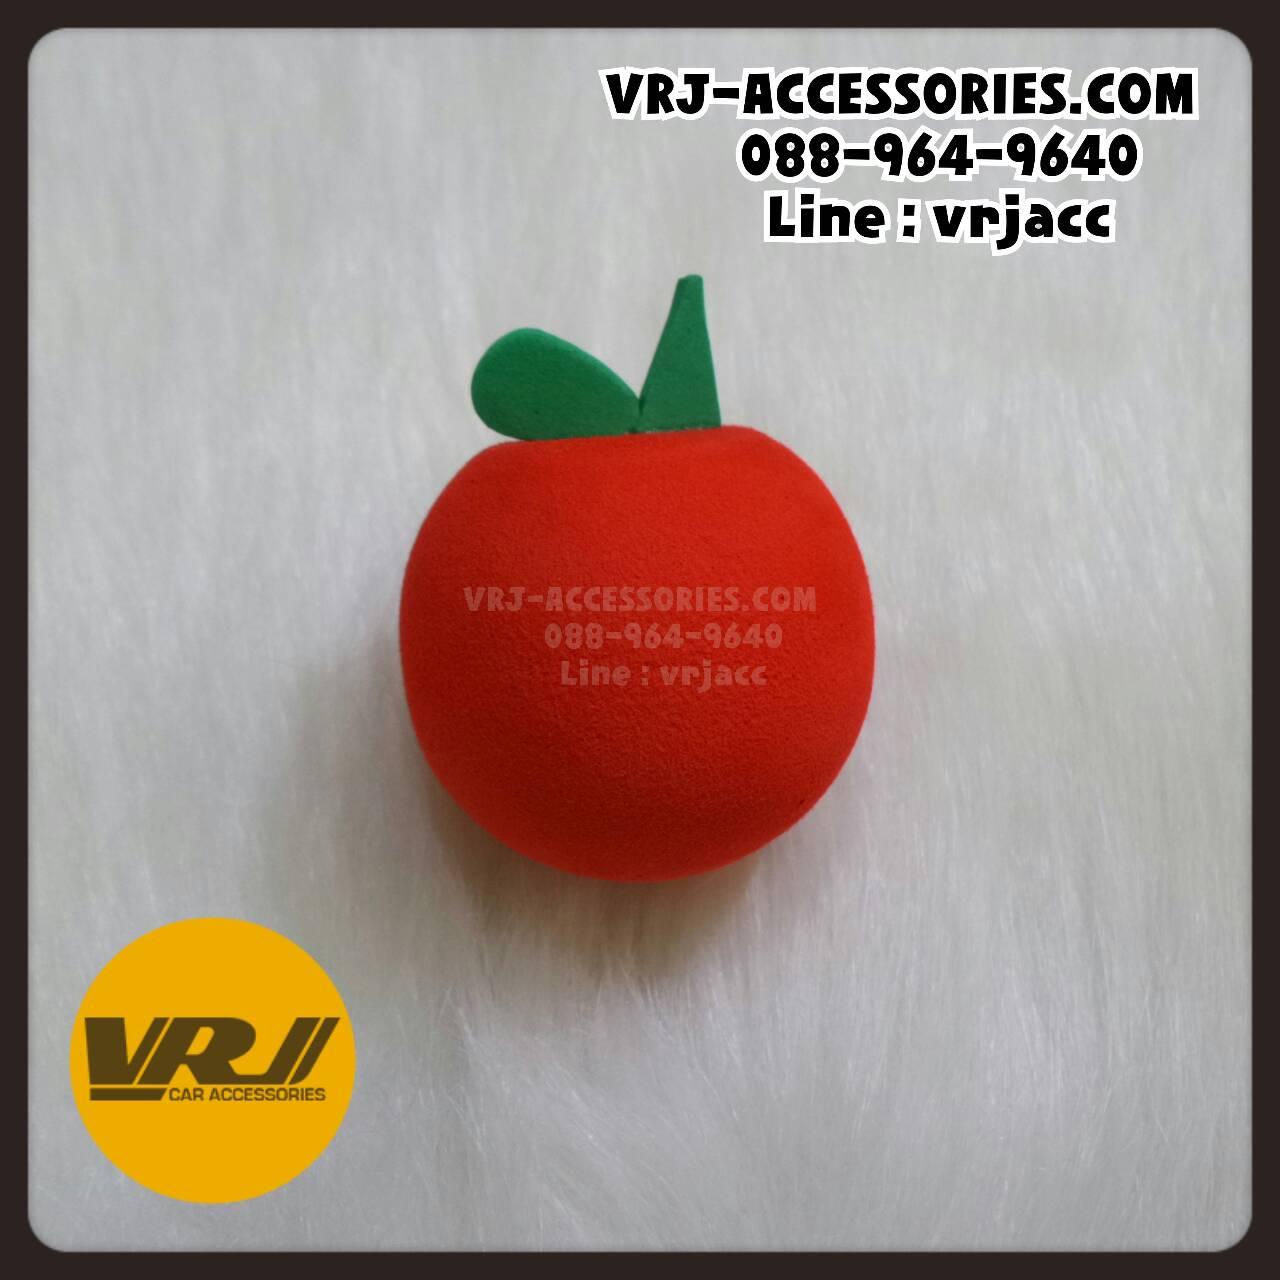 ลูกบอลเสียบเสาอากาศ แอปเปิ้ล : Antenna topper - Apple